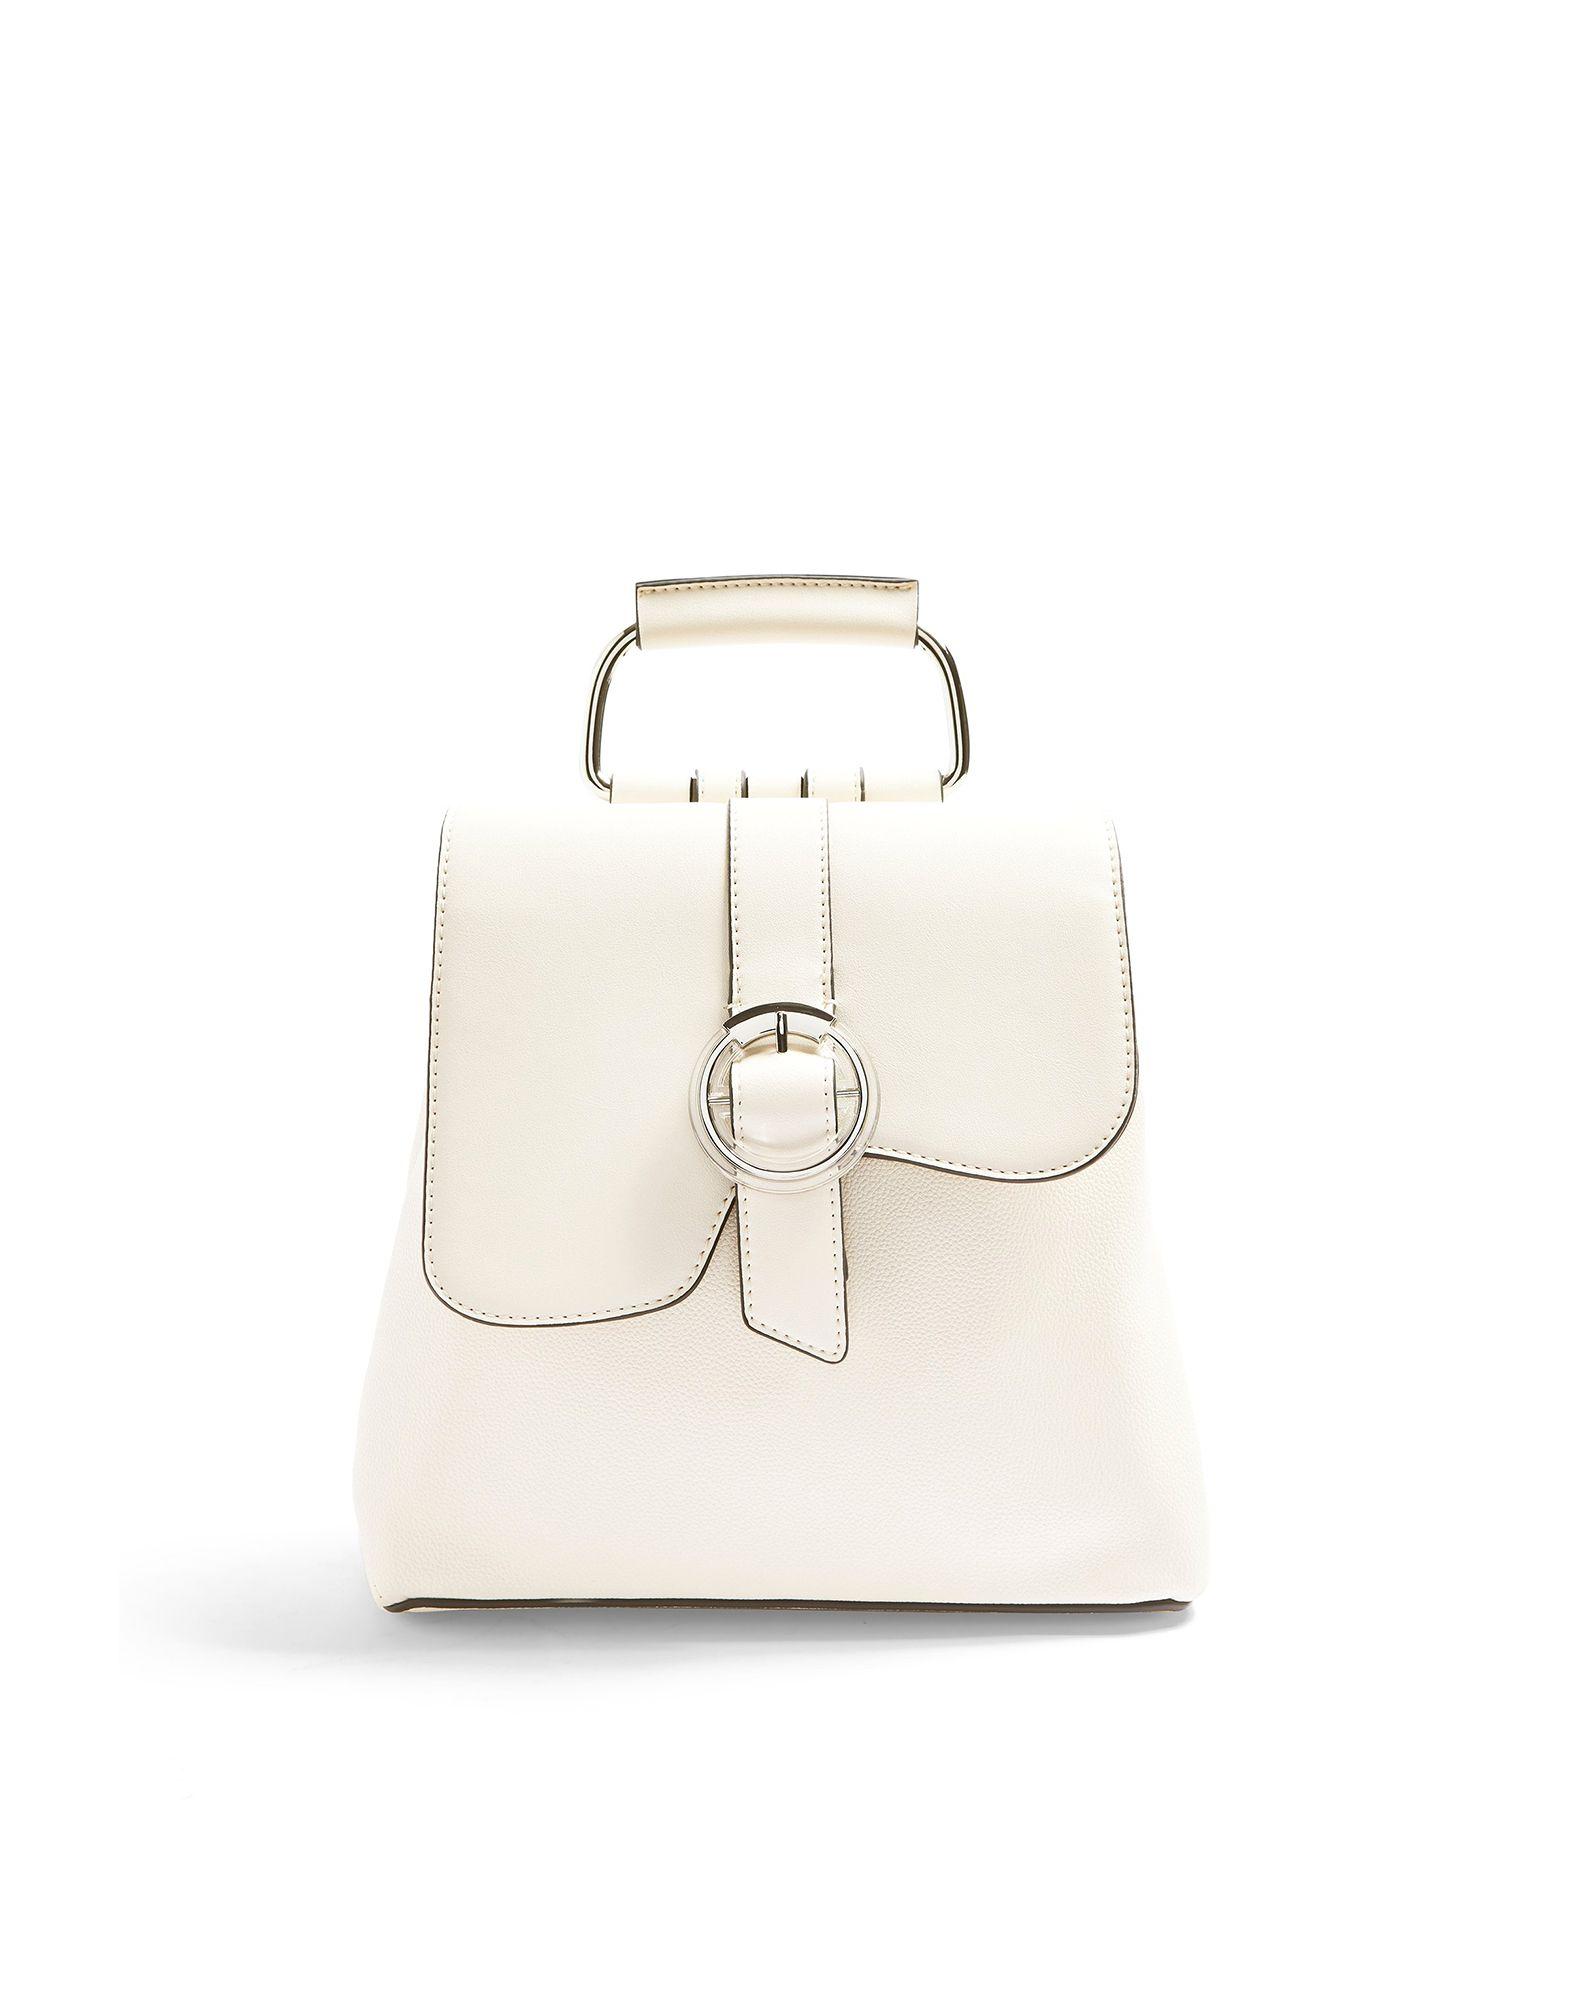 TOPSHOP Рюкзаки и сумки на пояс сумки magnolia сумка женская a761 7363 лак искусственная кожа page 8